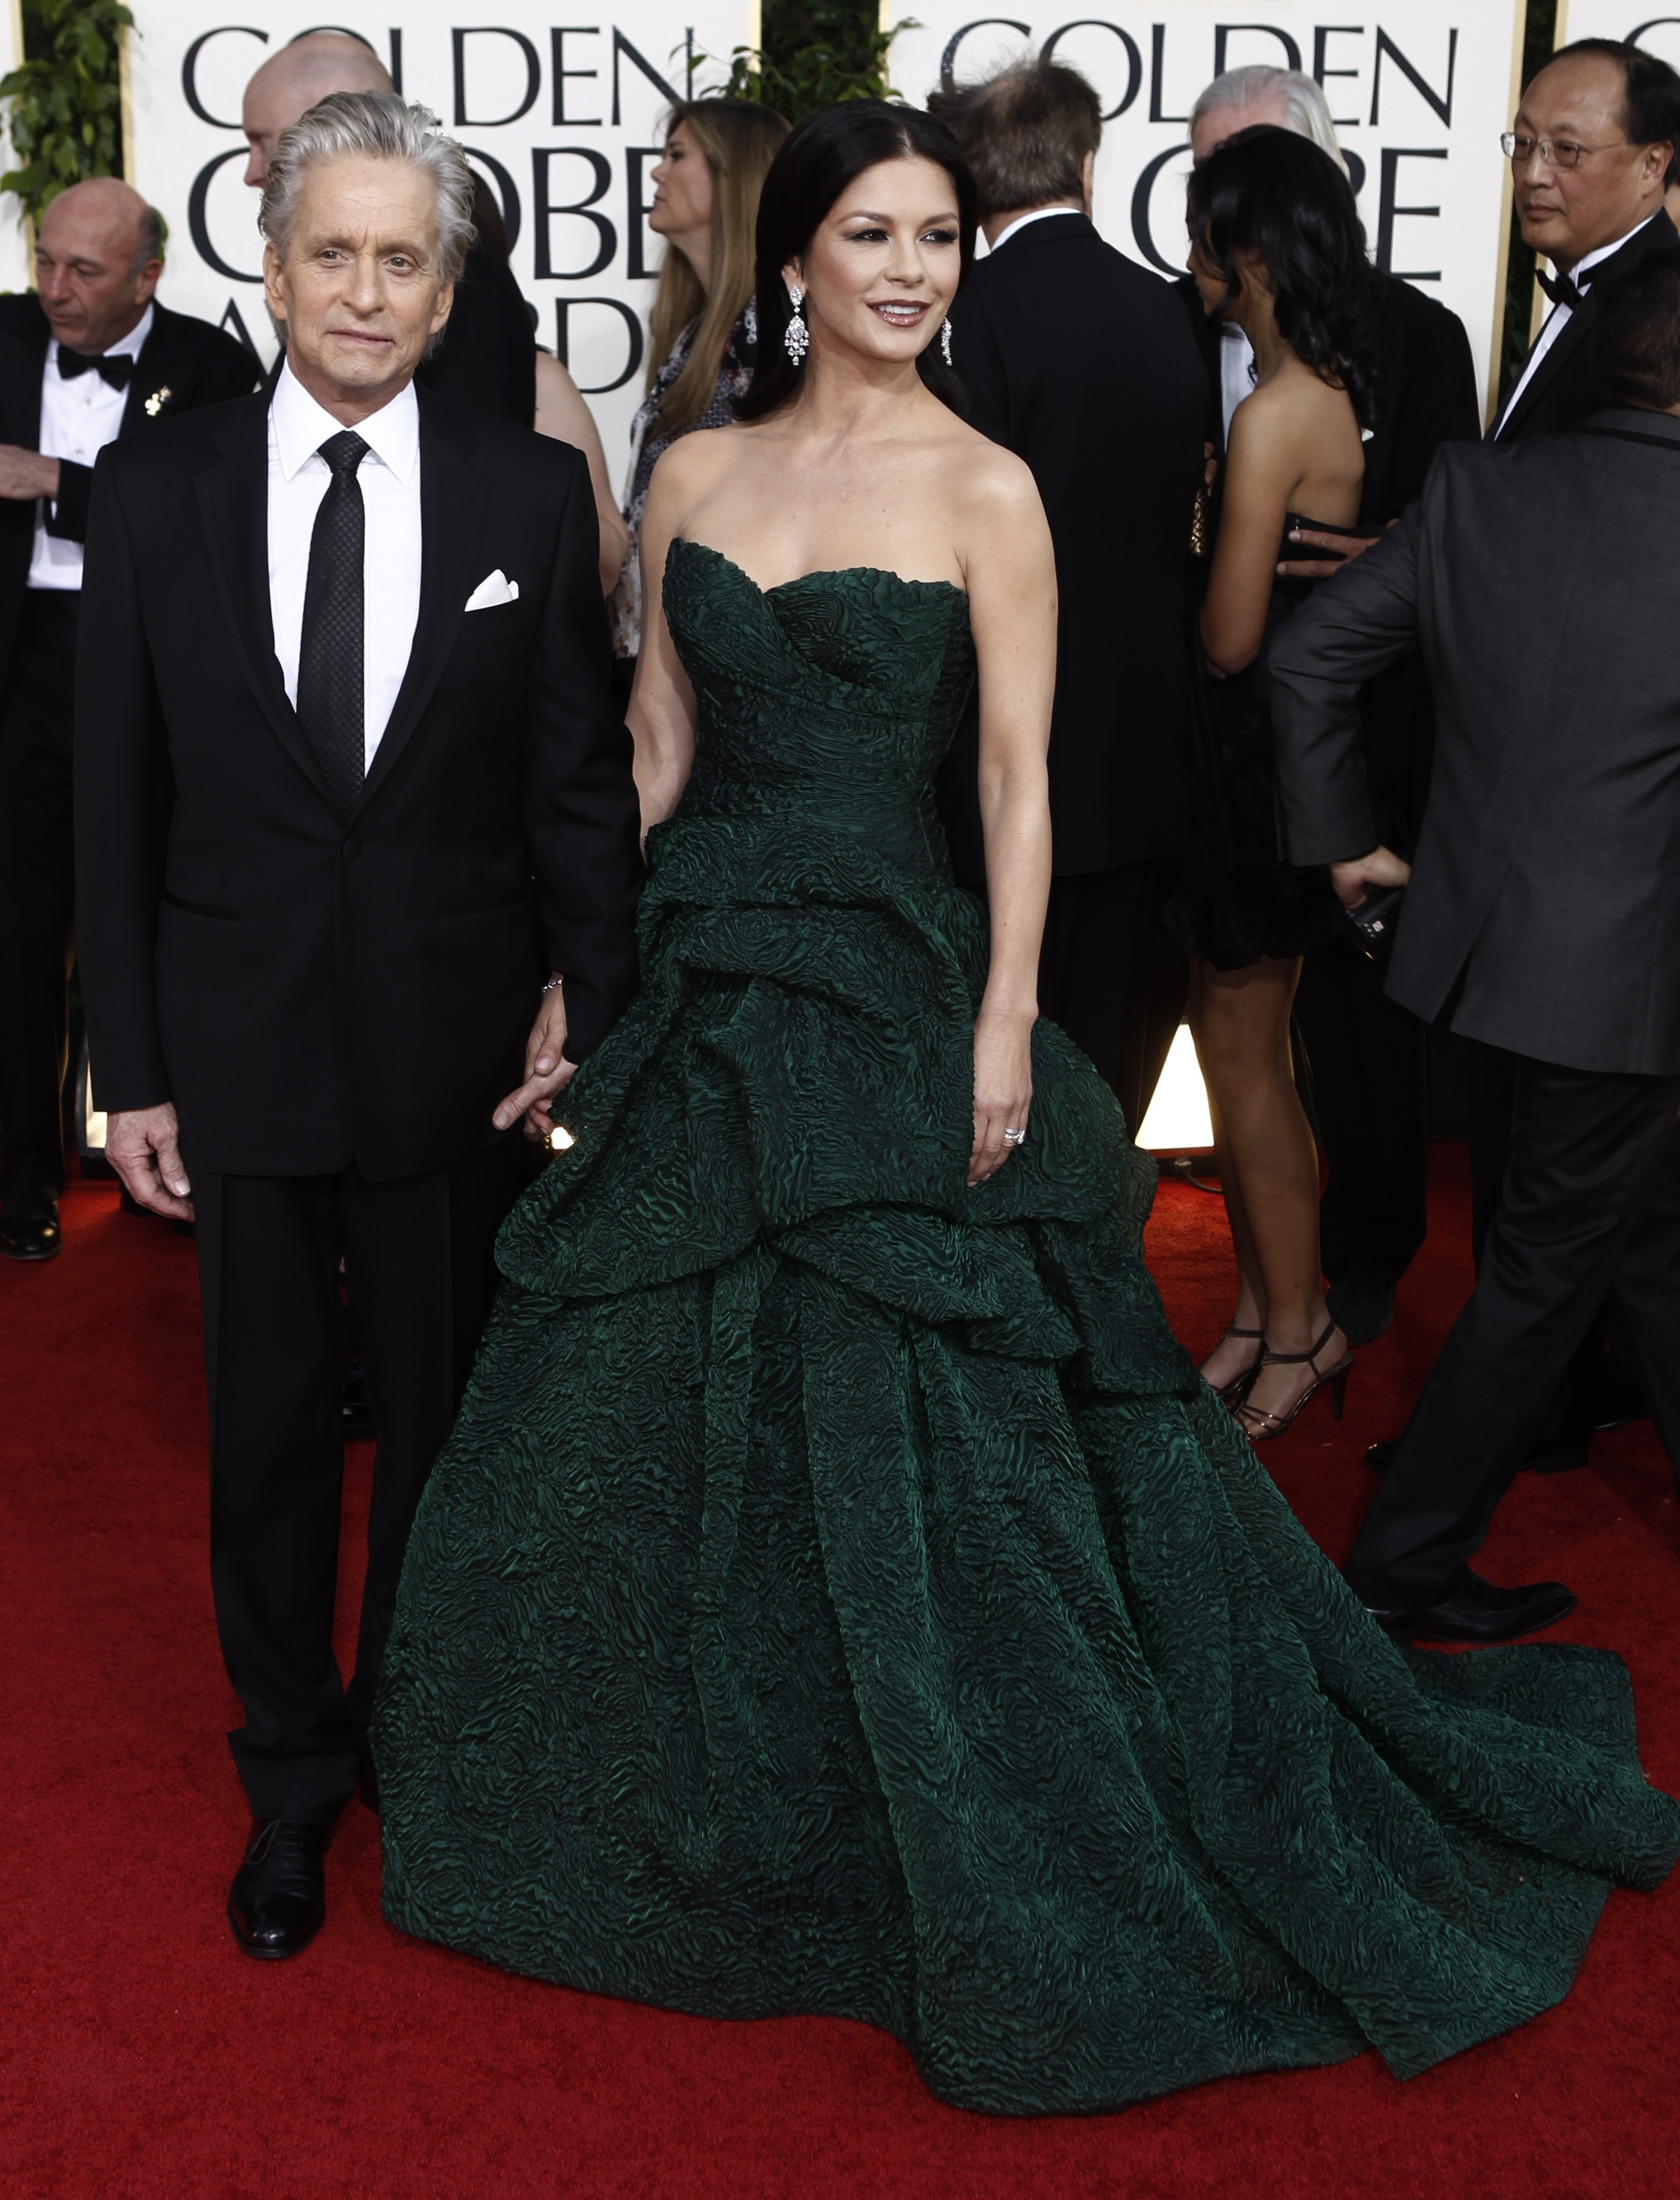 Michael Douglas and Catherine Zeta Jones red carpet